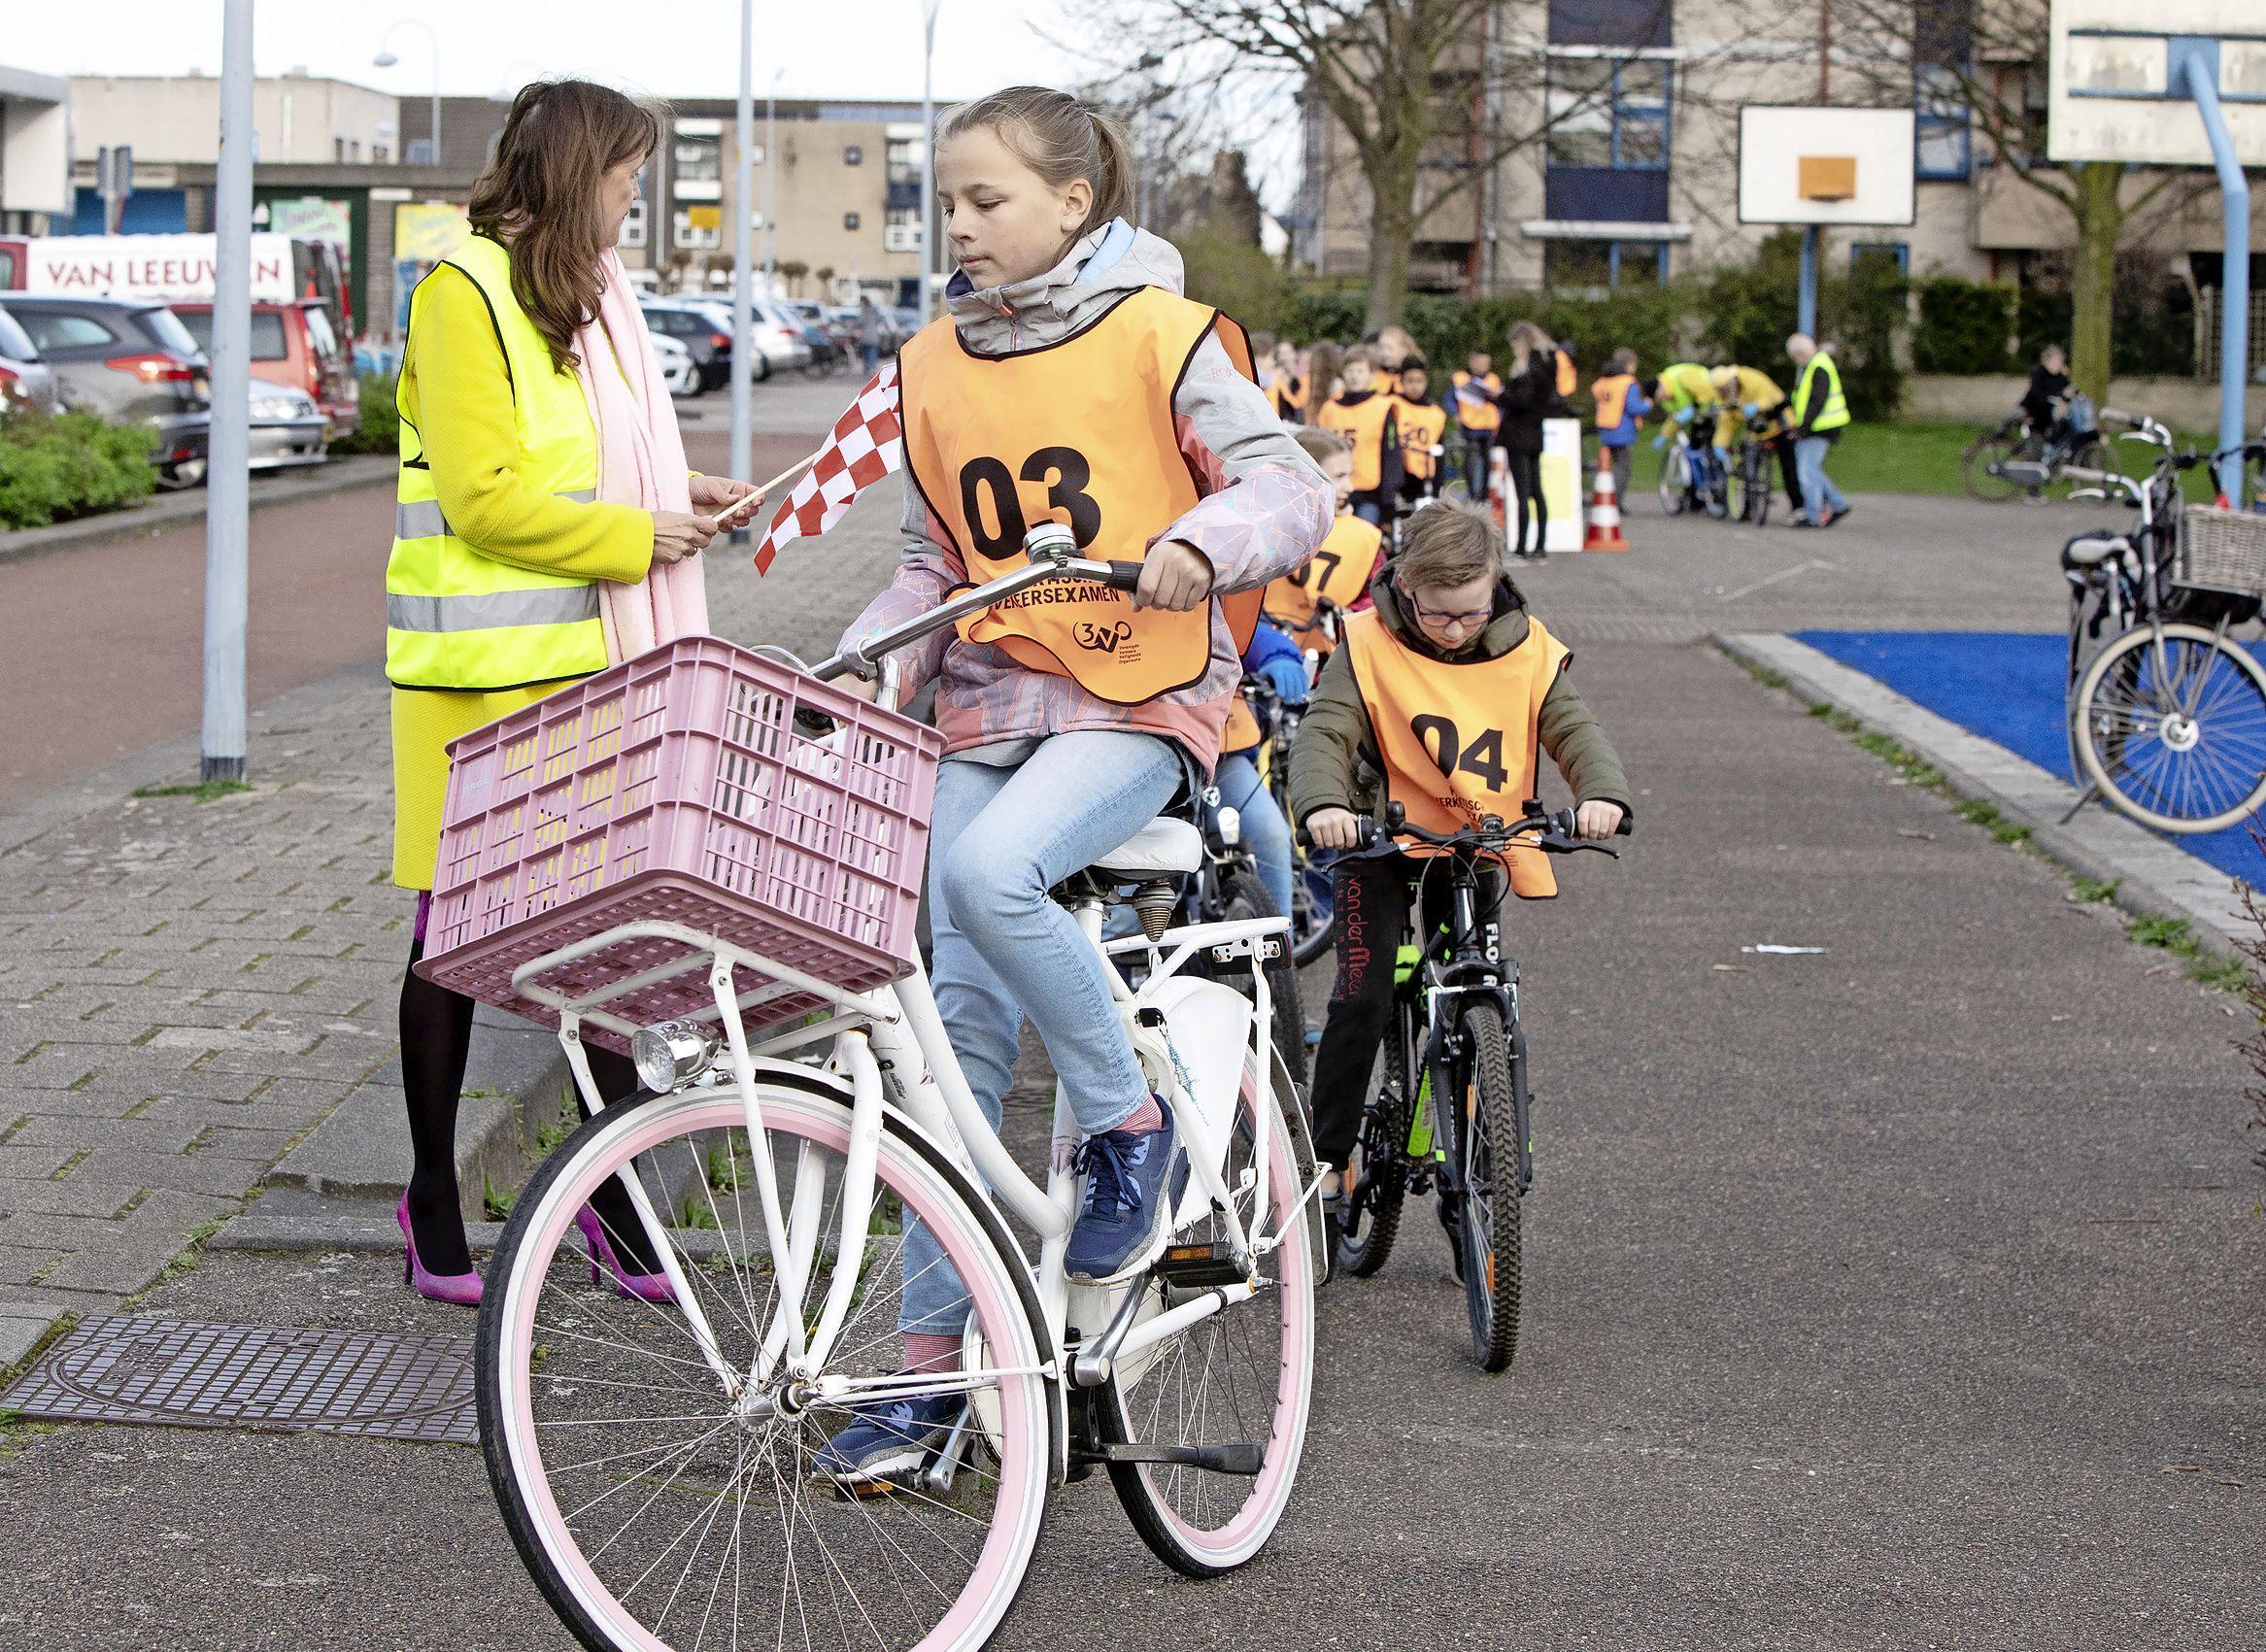 Verkeersexamen voor ruim 3300 scholieren van 52 scholen in Haarlemmermeer